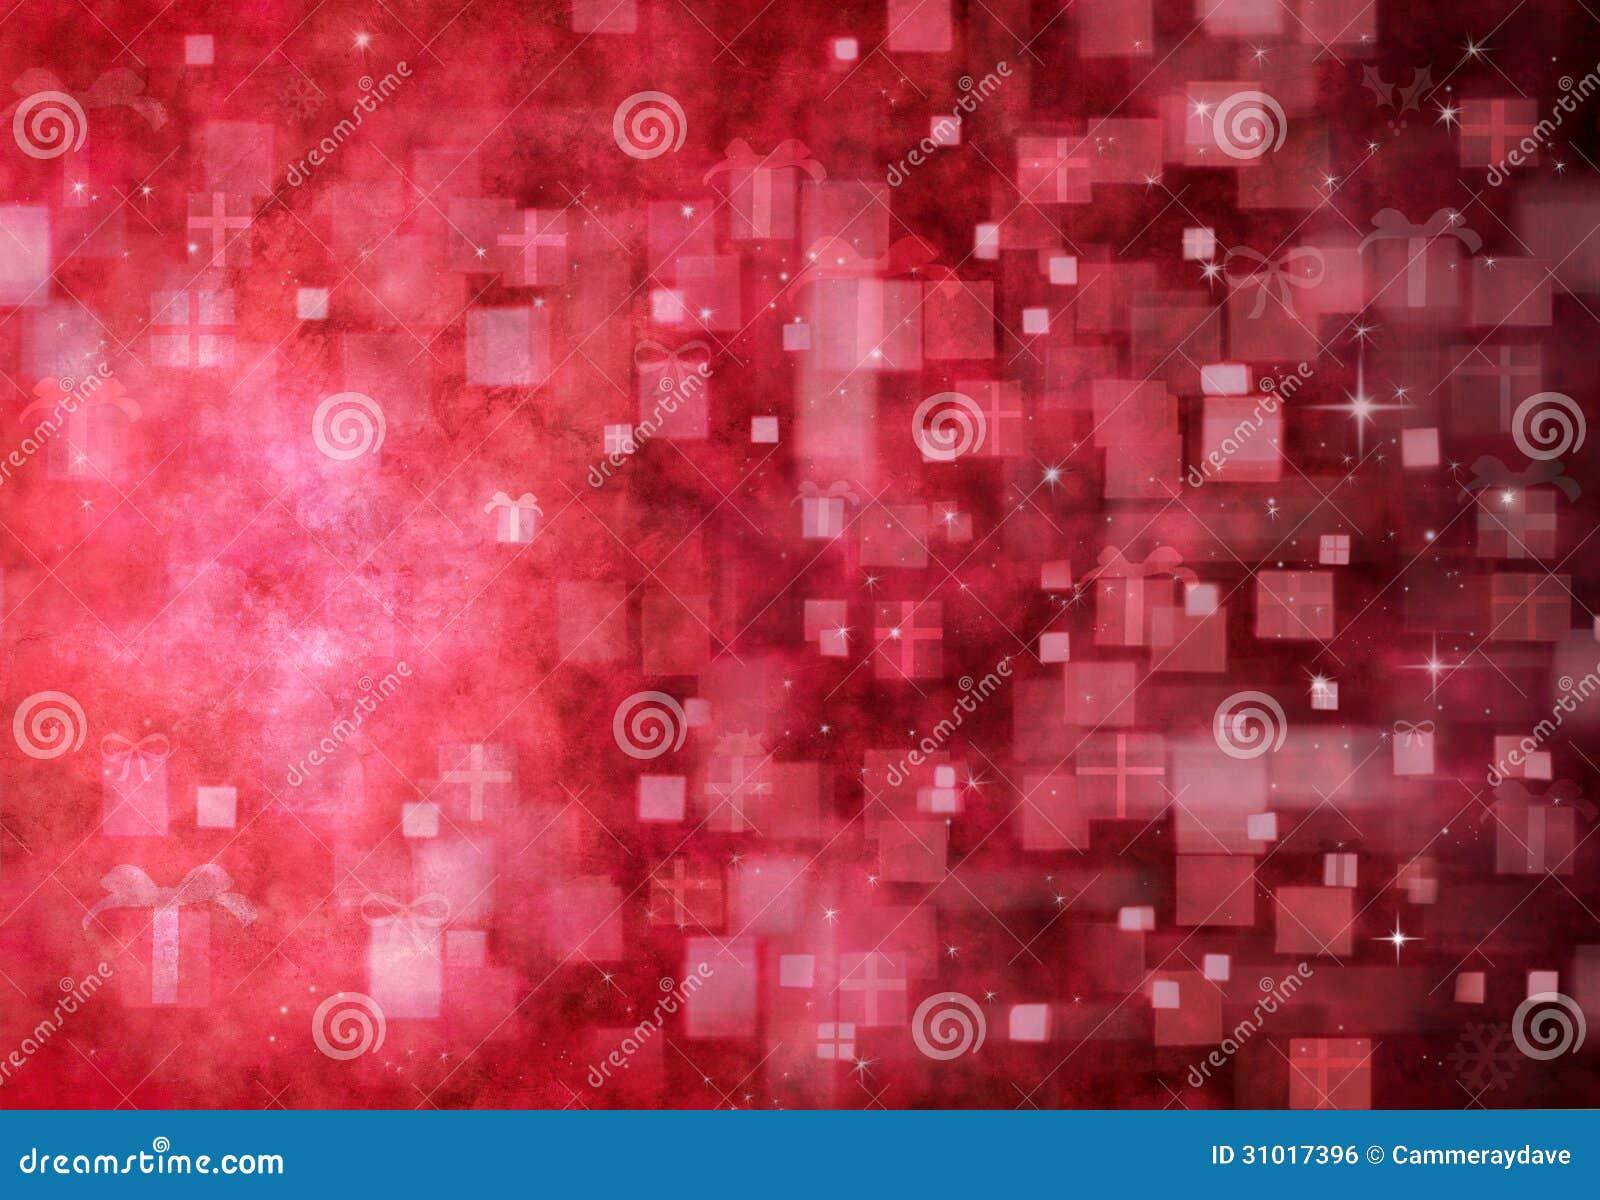 Fondo abstracto rojo de la Navidad